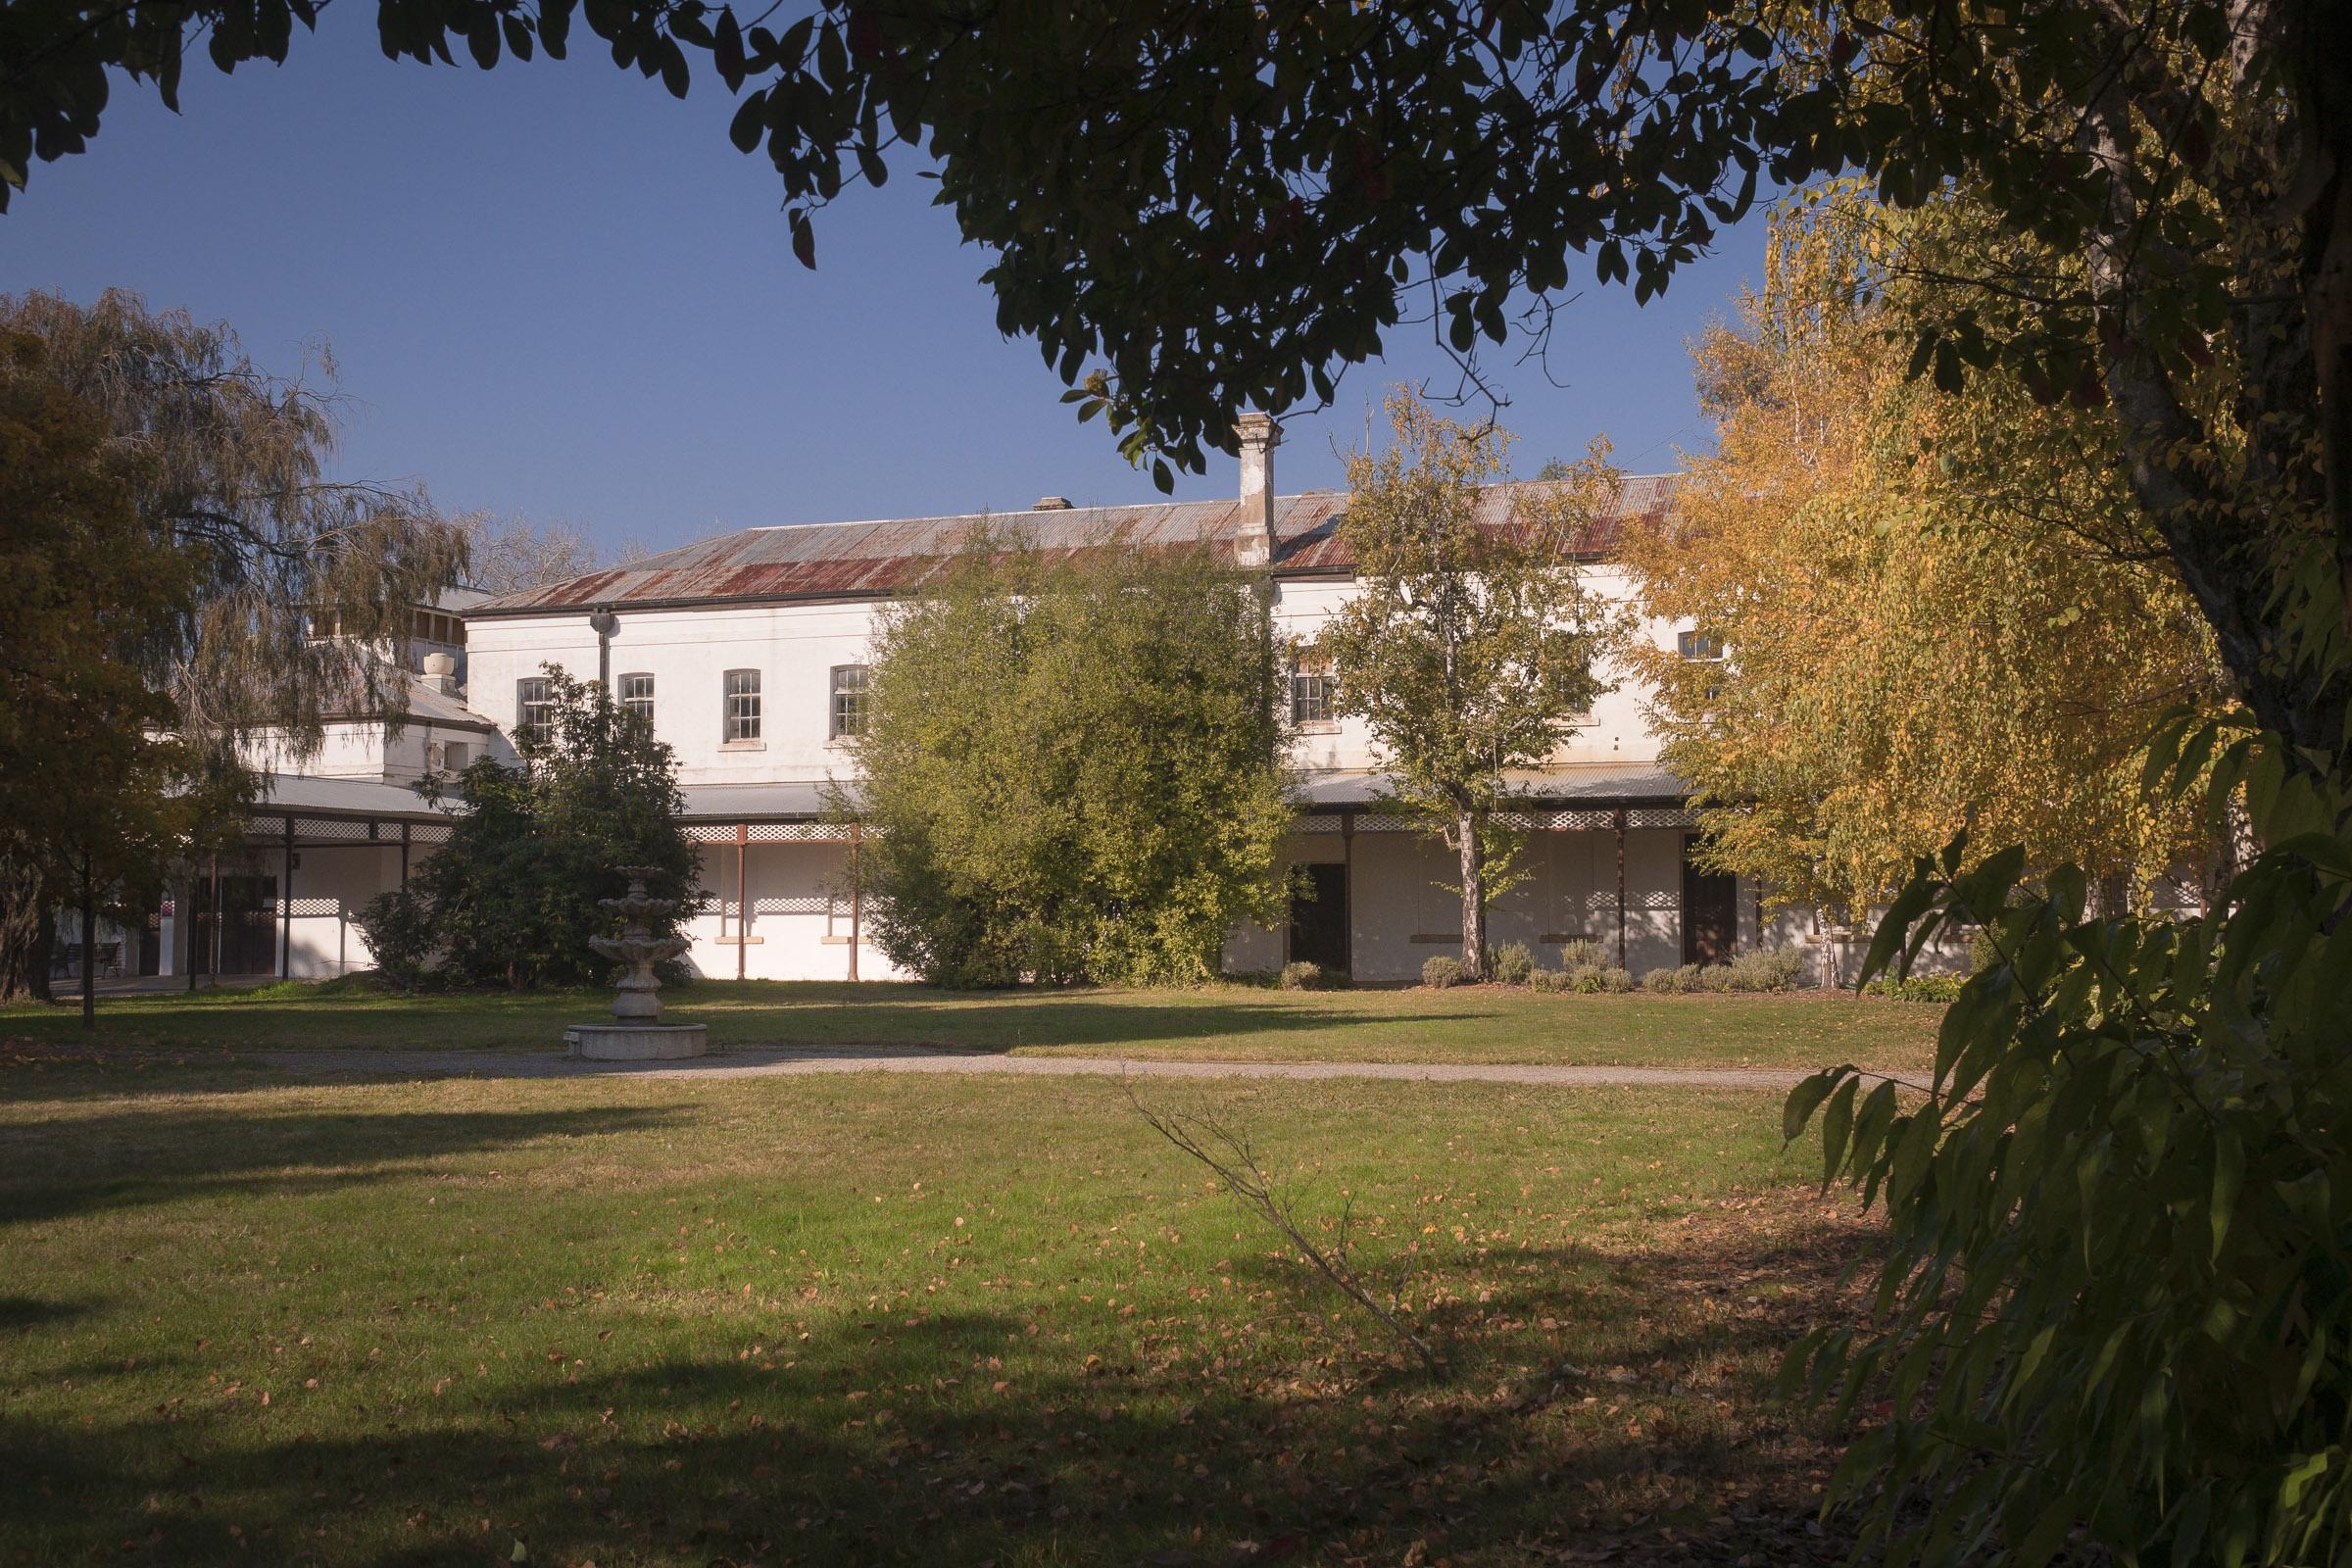 Mayday Hills precinct